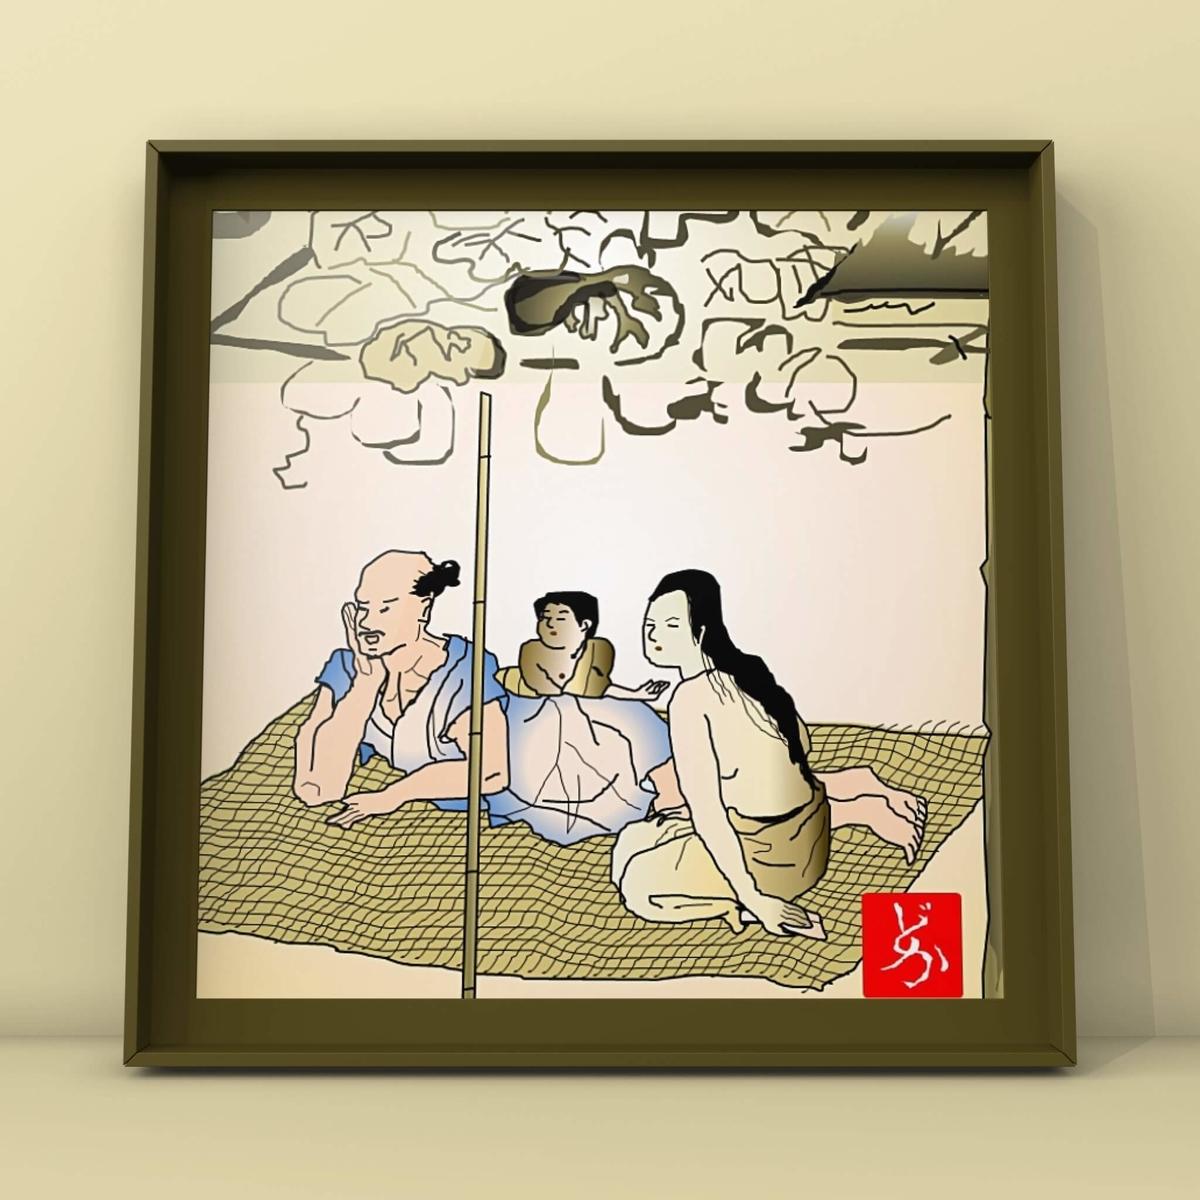 国宝「夕顔棚納涼図屏風」のエクセル画イラスト額装版